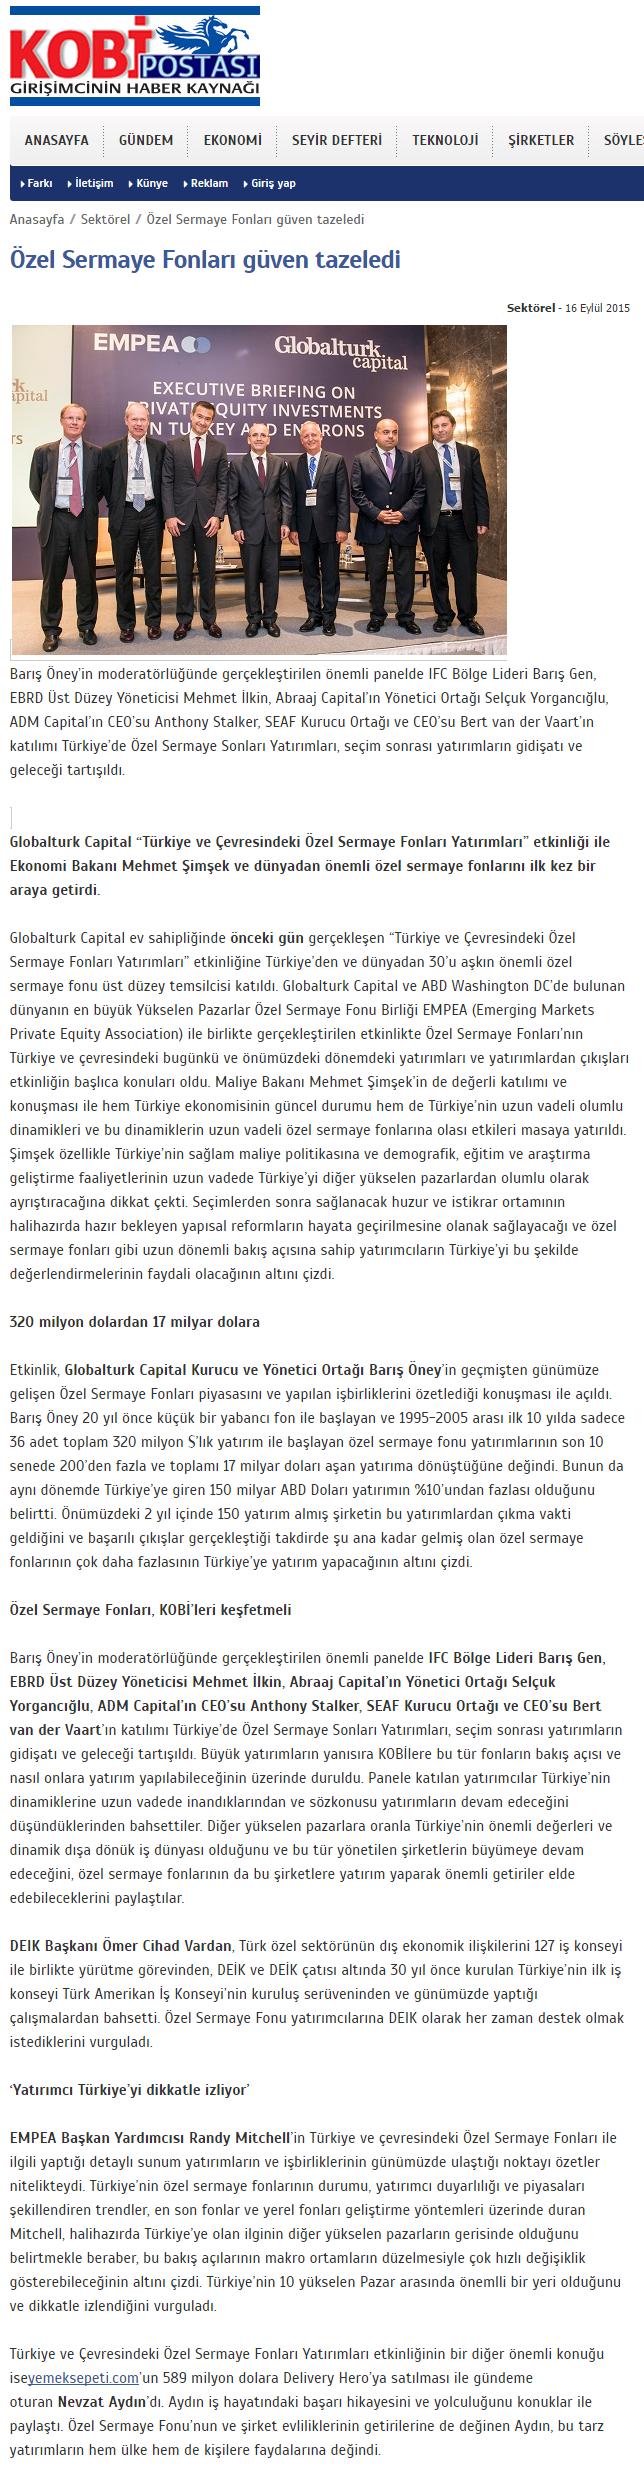 Özel Sermaye Fonları Güven Tazeledi | Kobipostasi.net